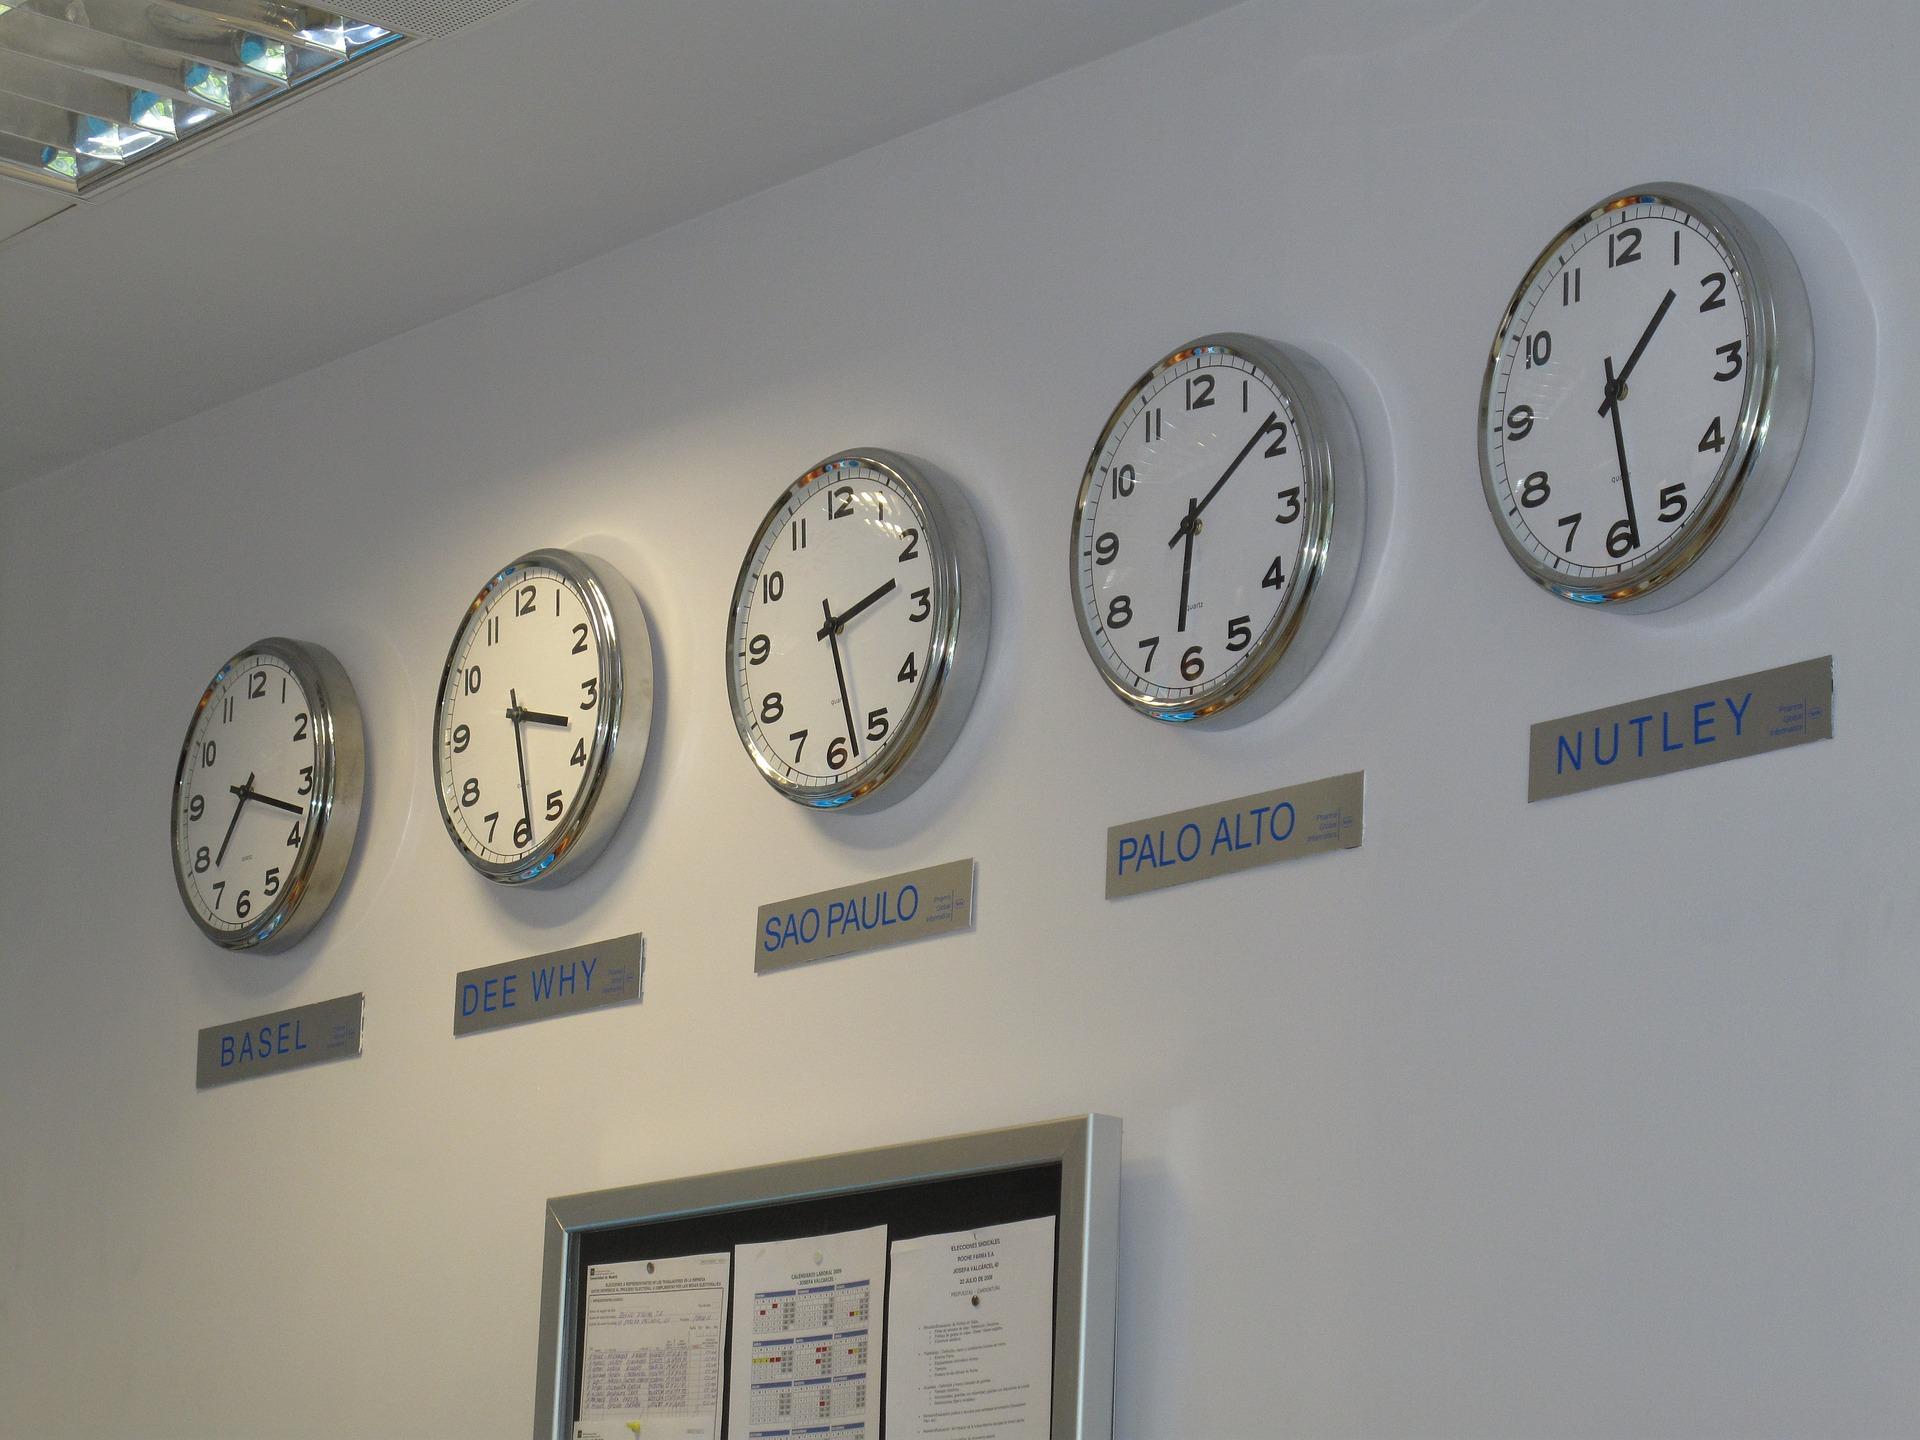 horário de chegada do voo é com ou sem o fuso?